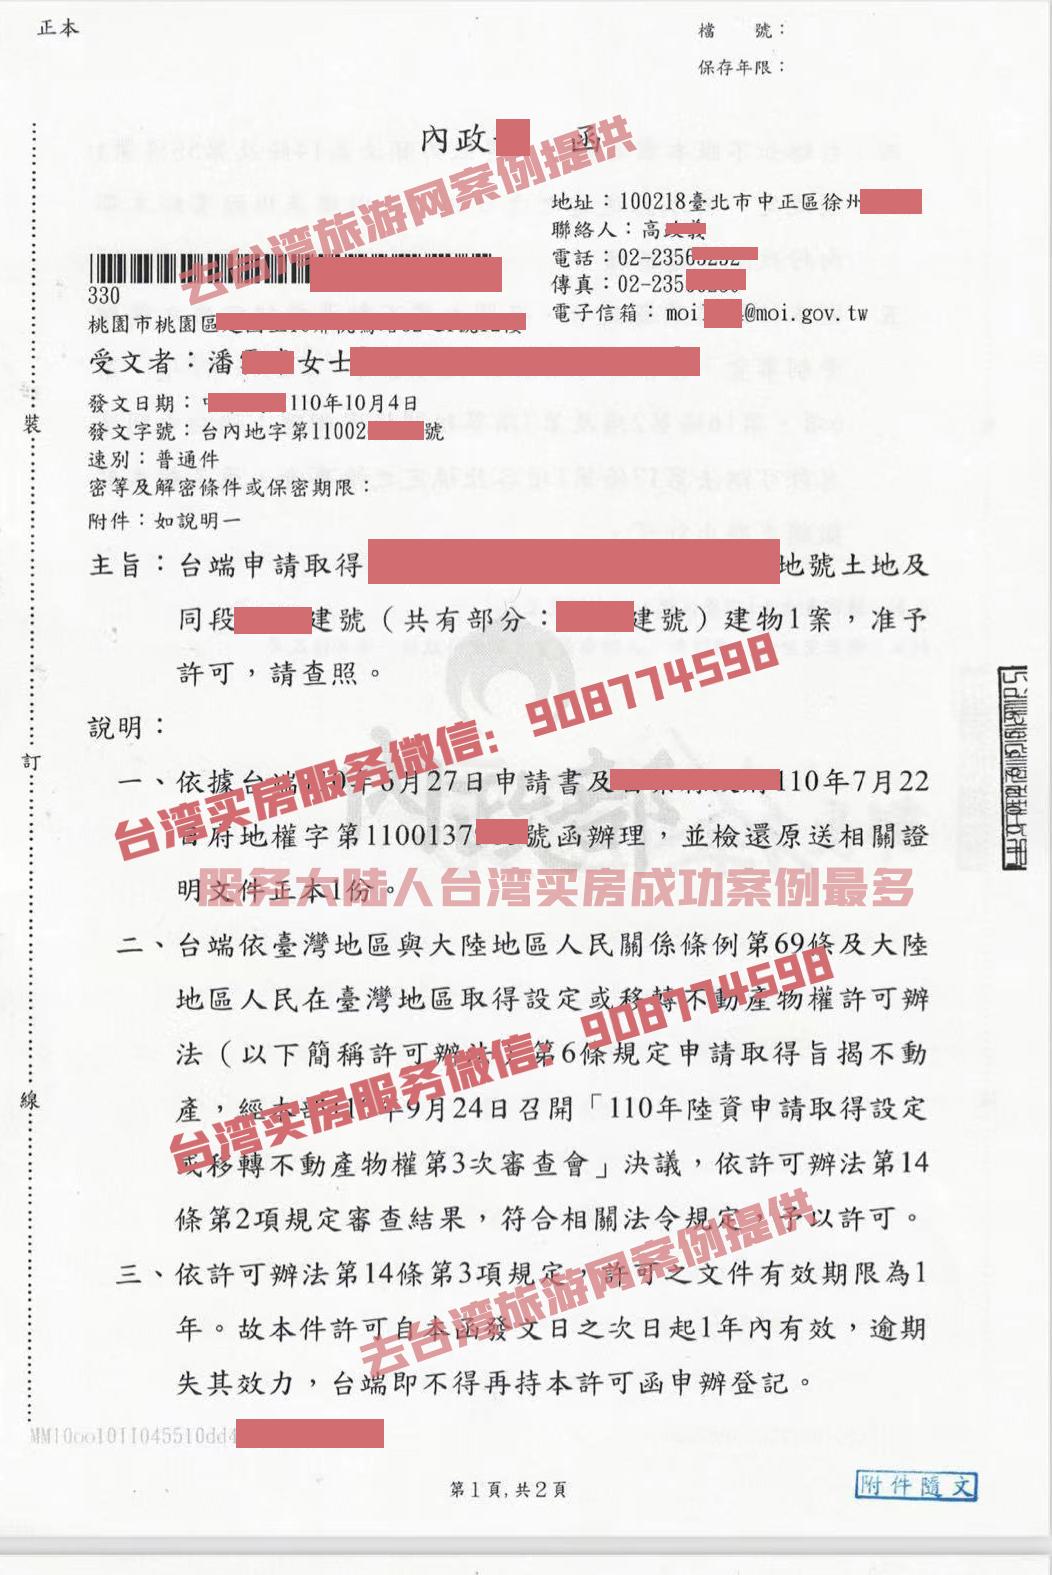 浙江潘小姐取得台湾地区苗栗县房产核准函